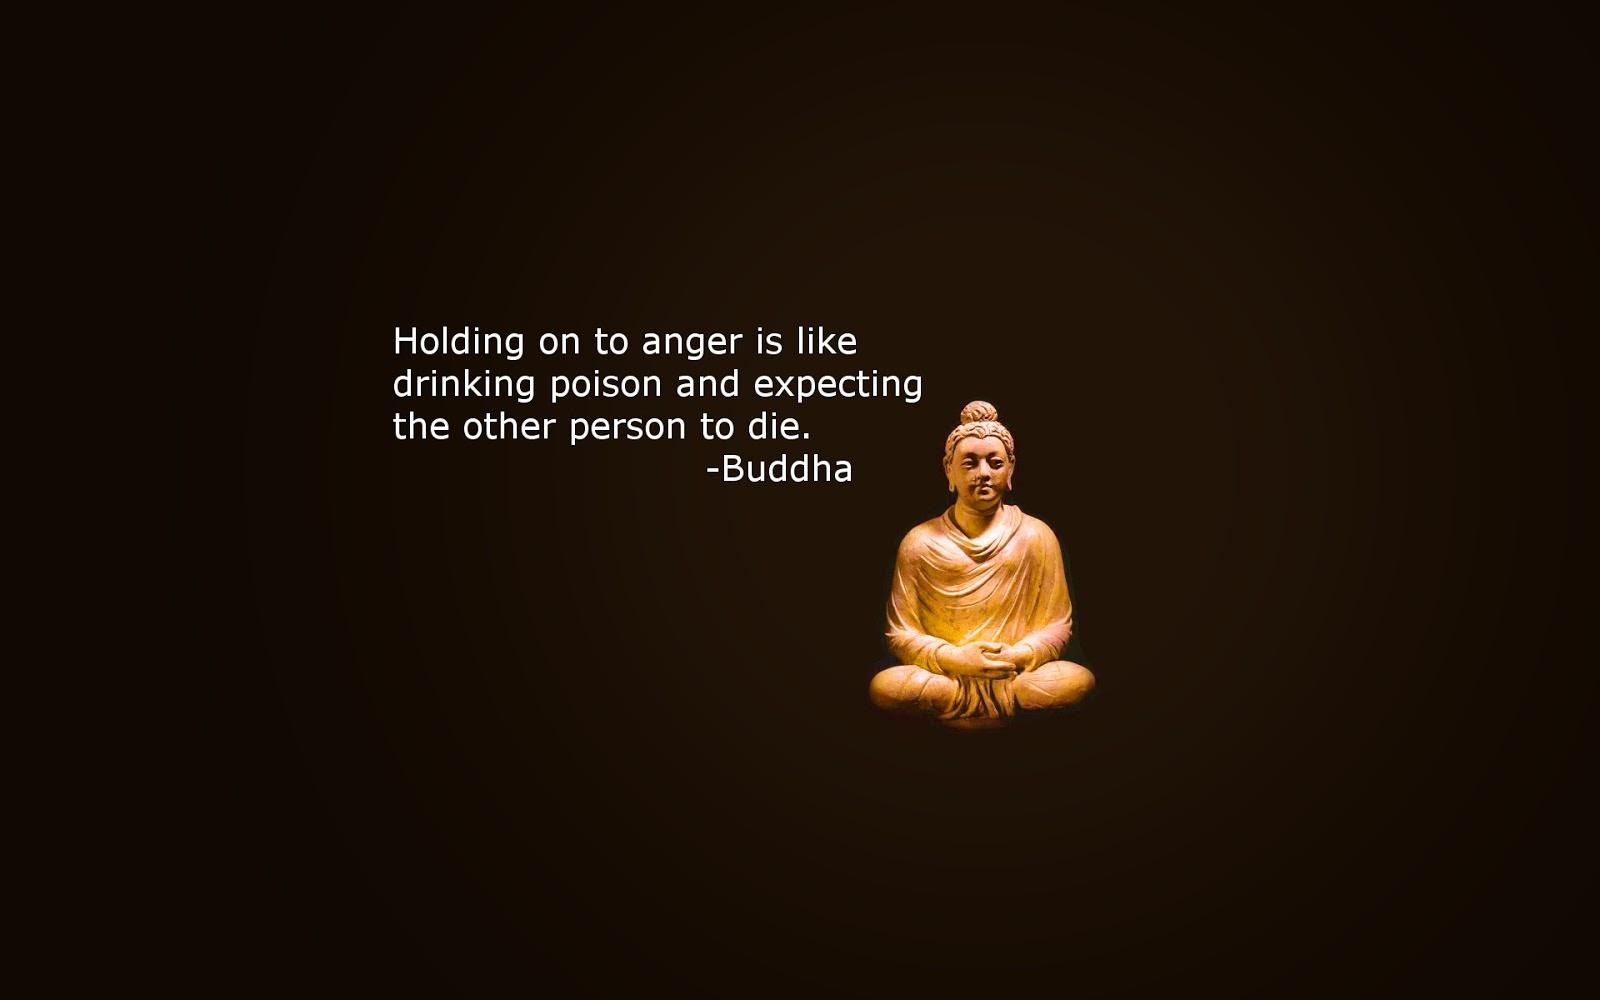 zen quote wallpapers - photo #4